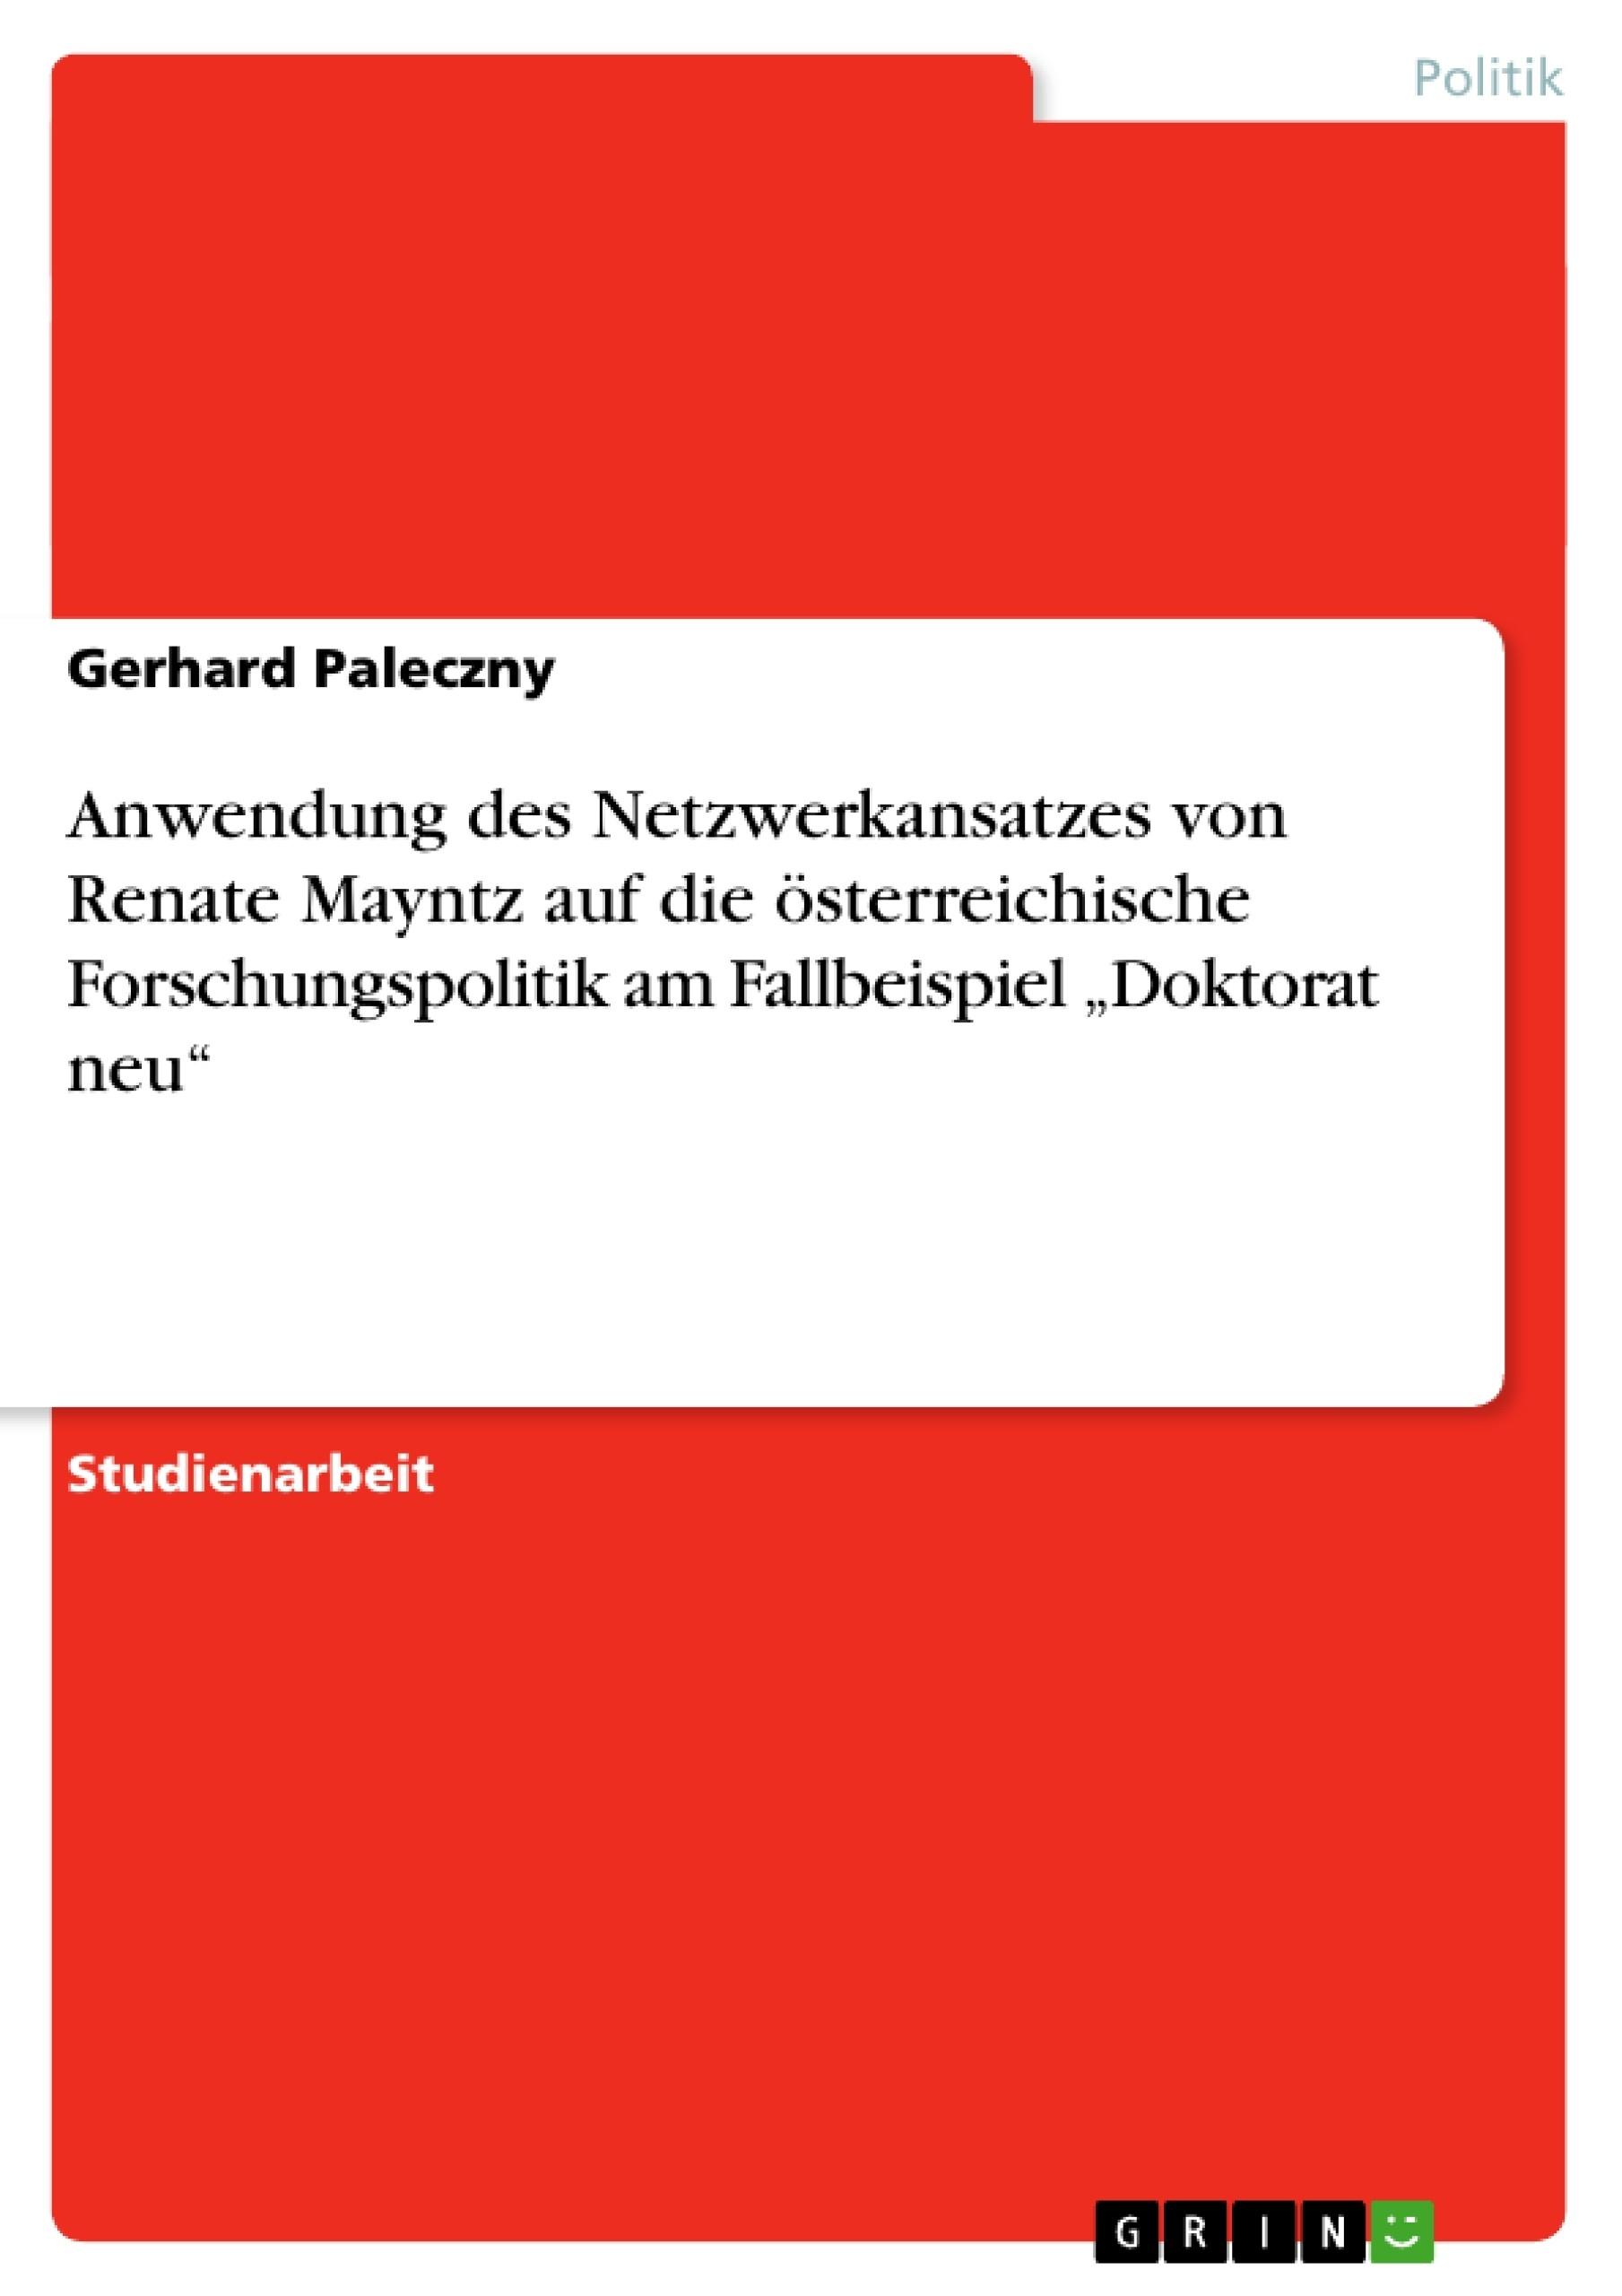 """Titel: Anwendung des Netzwerkansatzes von Renate Mayntz auf die österreichische Forschungspolitik am Fallbeispiel """"Doktorat neu"""""""